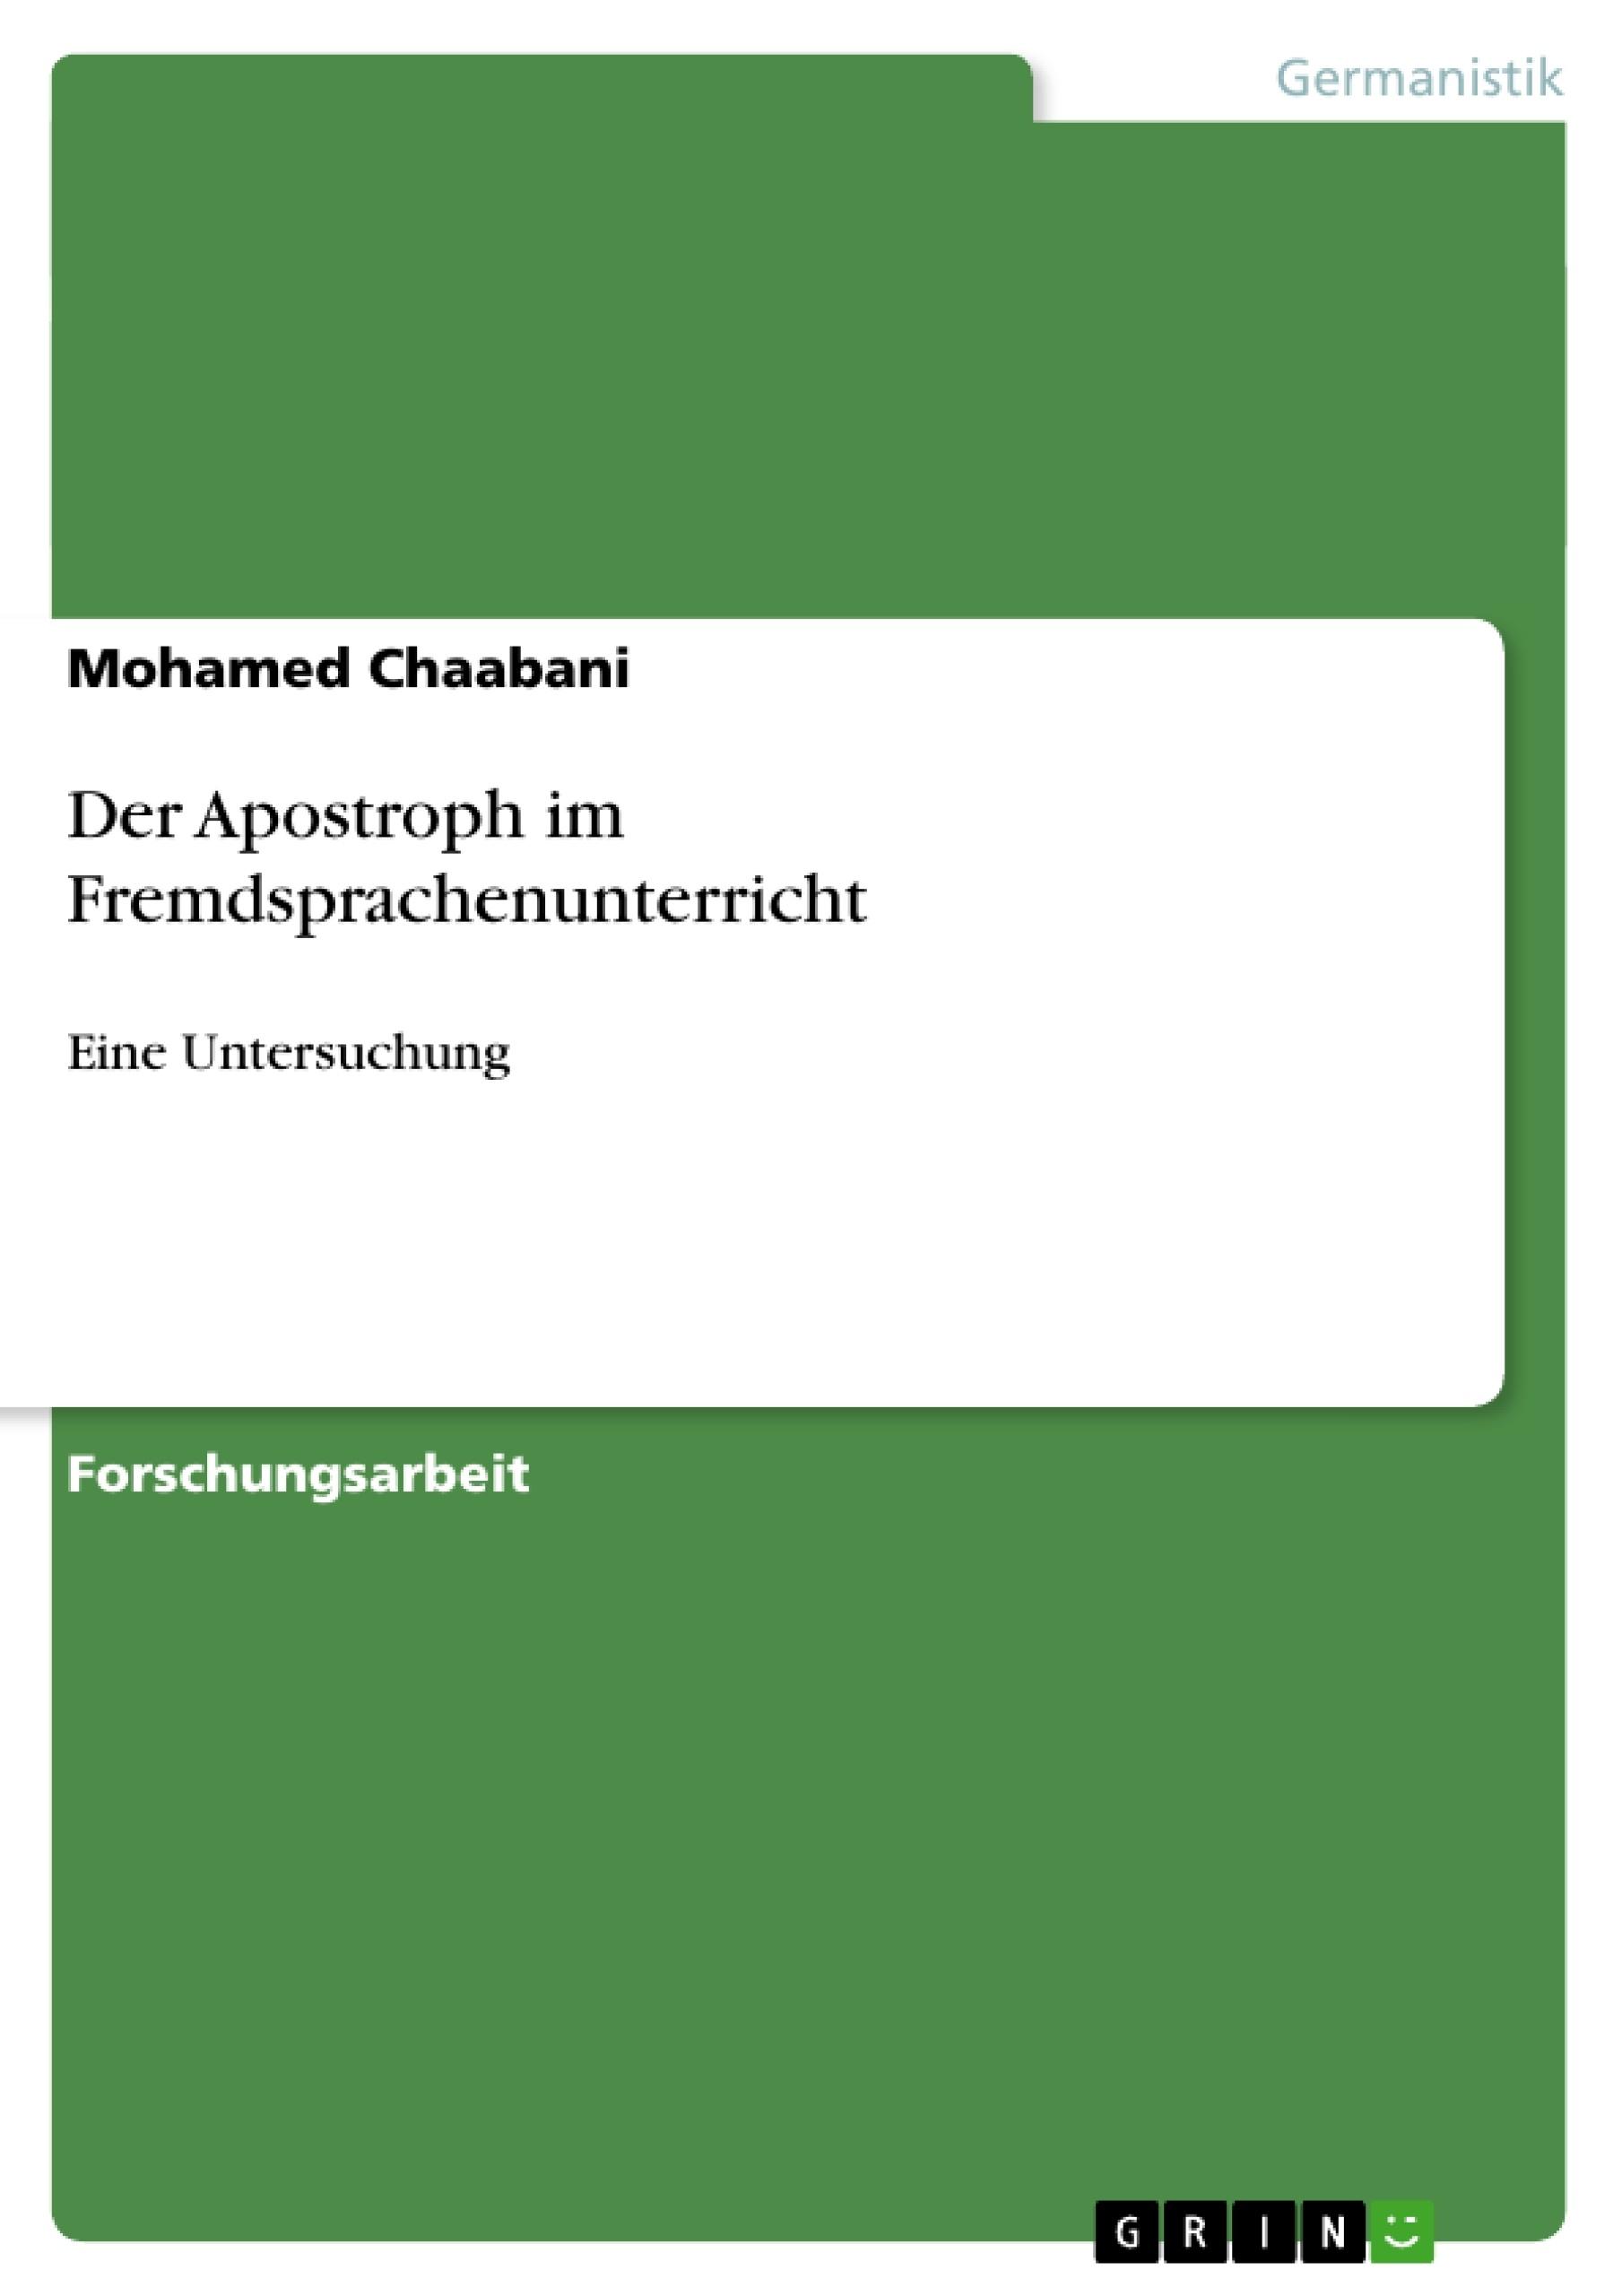 Titel: Der Apostroph im Fremdsprachenunterricht